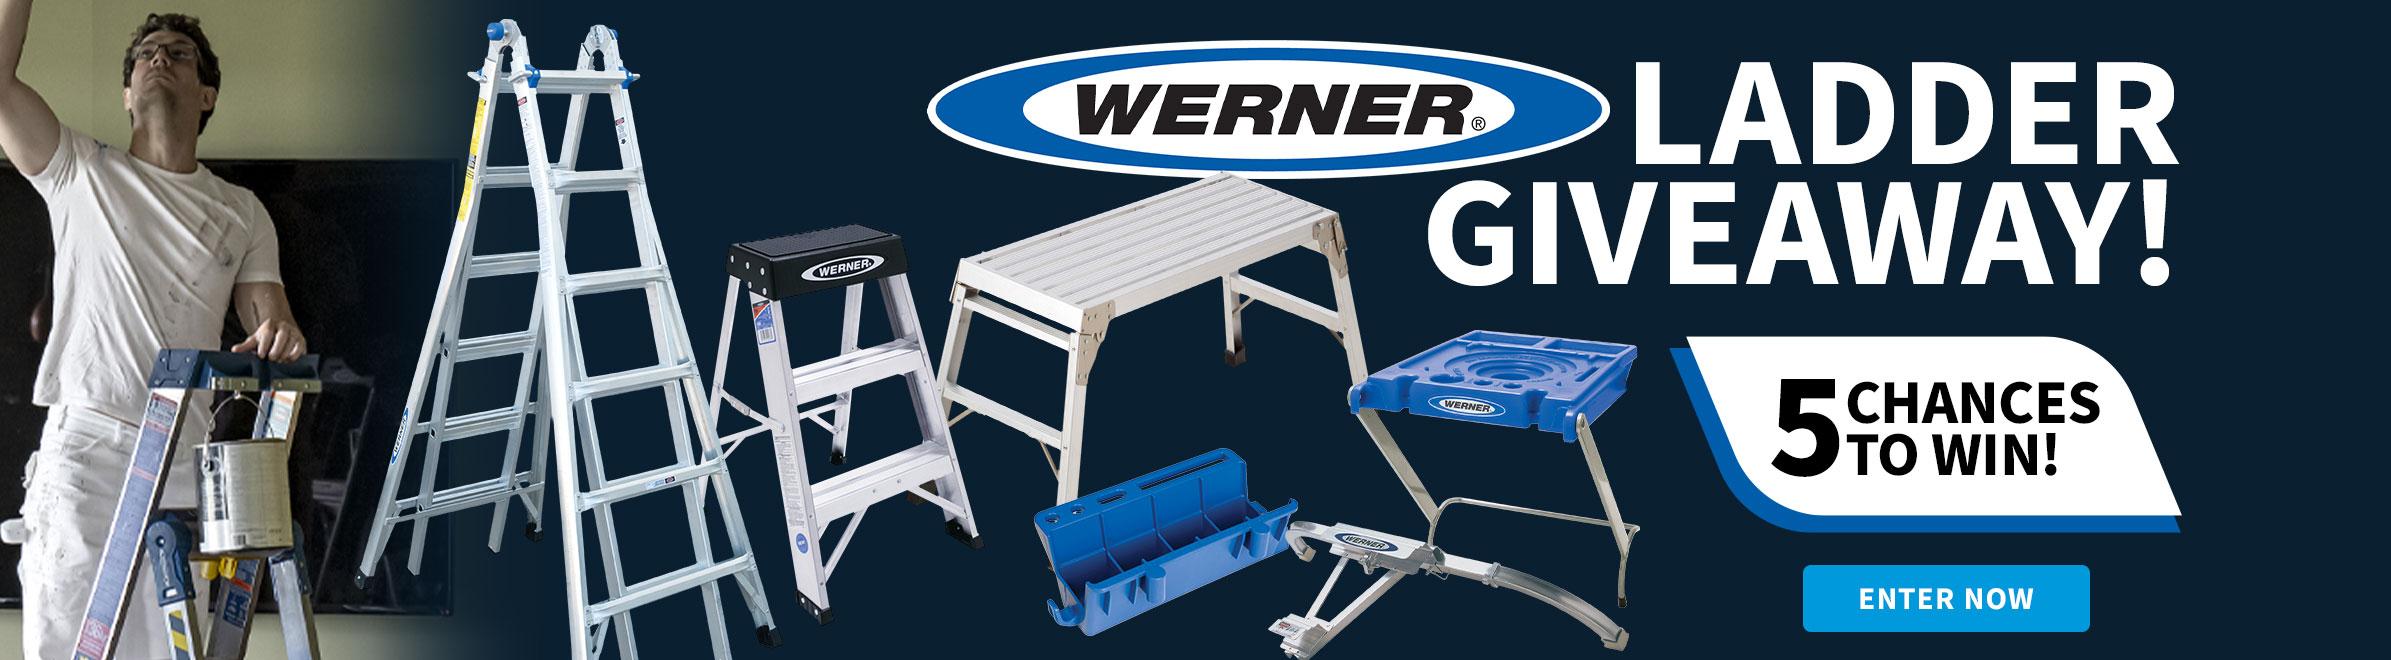 Werner Ladder Giveaway!